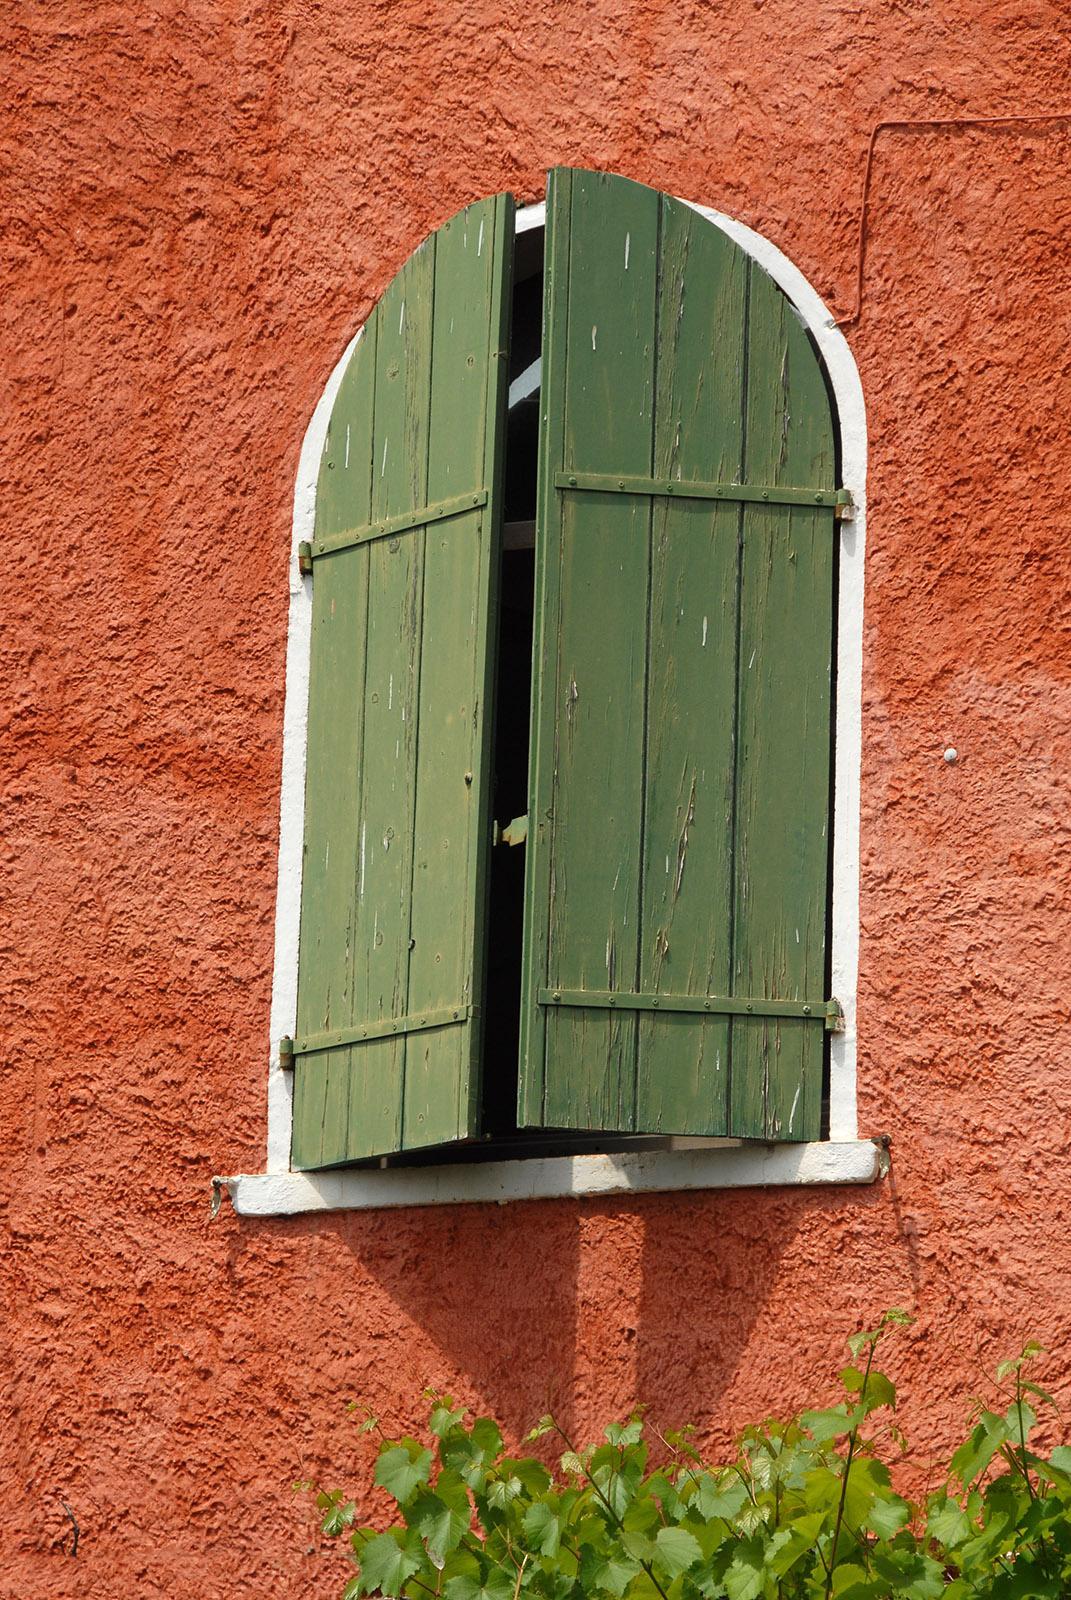 Sanary-sur-Mer: Einen Blick wert in Sanary-sur-Mer sind die Fassaden. Dieses Haus zeigt provenzalische und italienische Einflüsse, Foto: Hilke Maunder